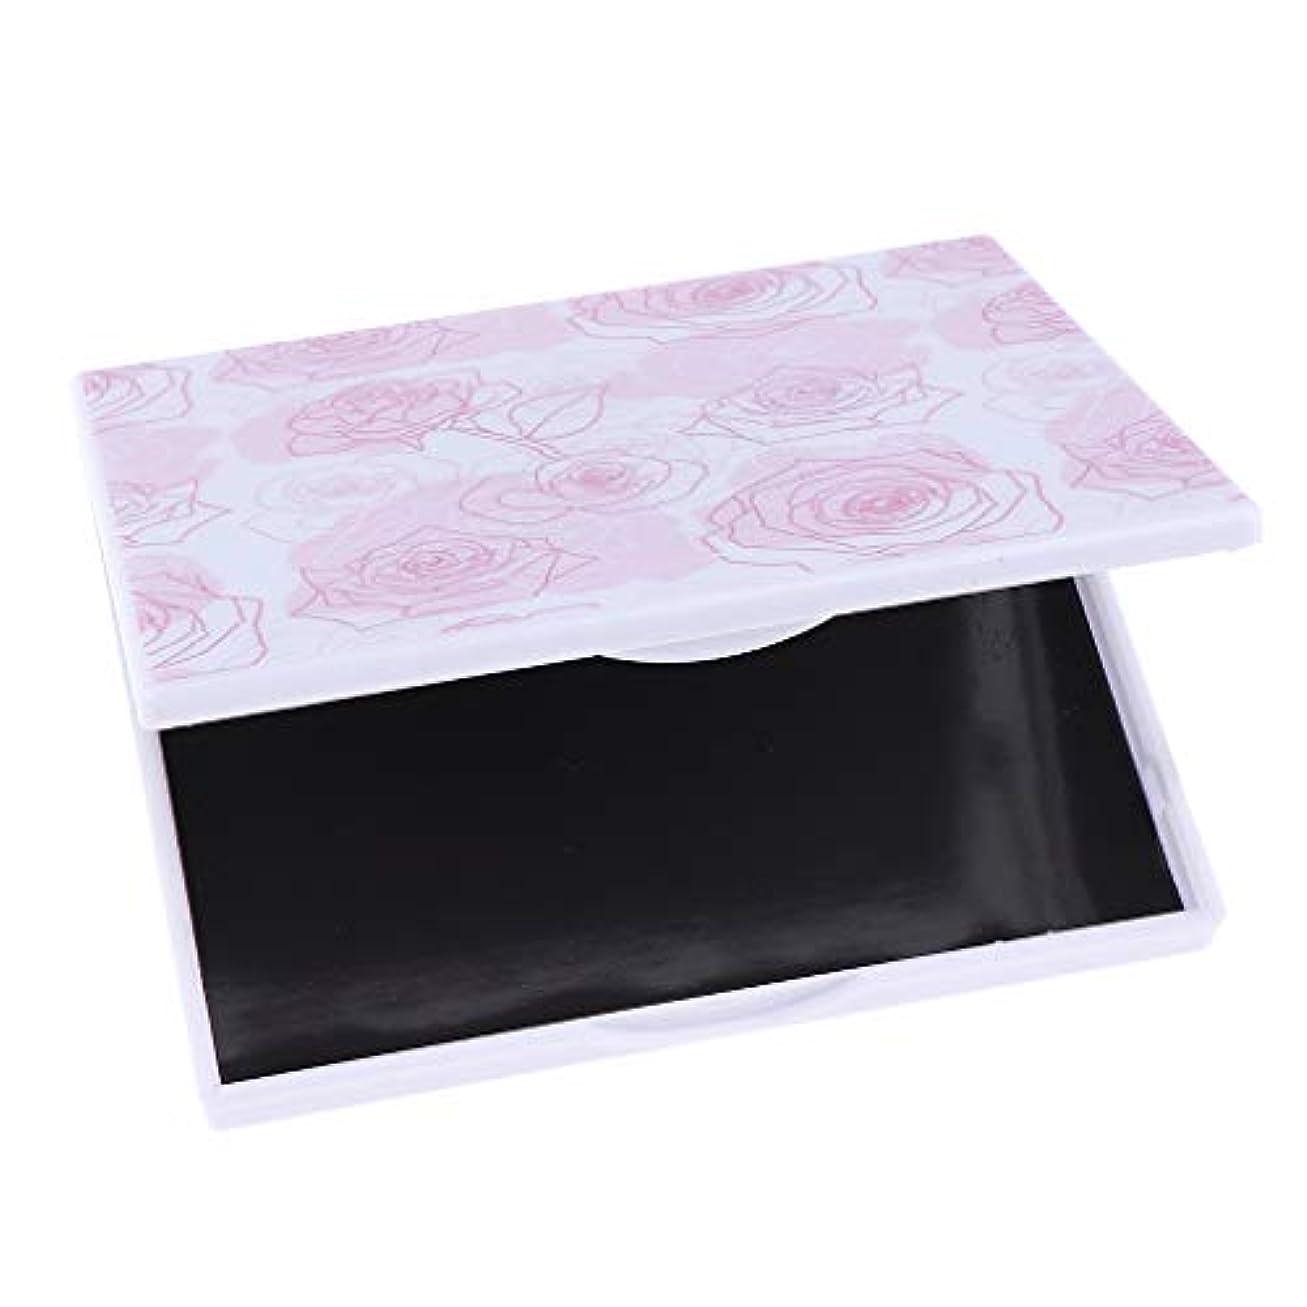 激怒イディオムペン空の磁気構造パレット、DIYのための大きい磁気化粧品のアイシャドウのホールダー - ピンクローズフラワー